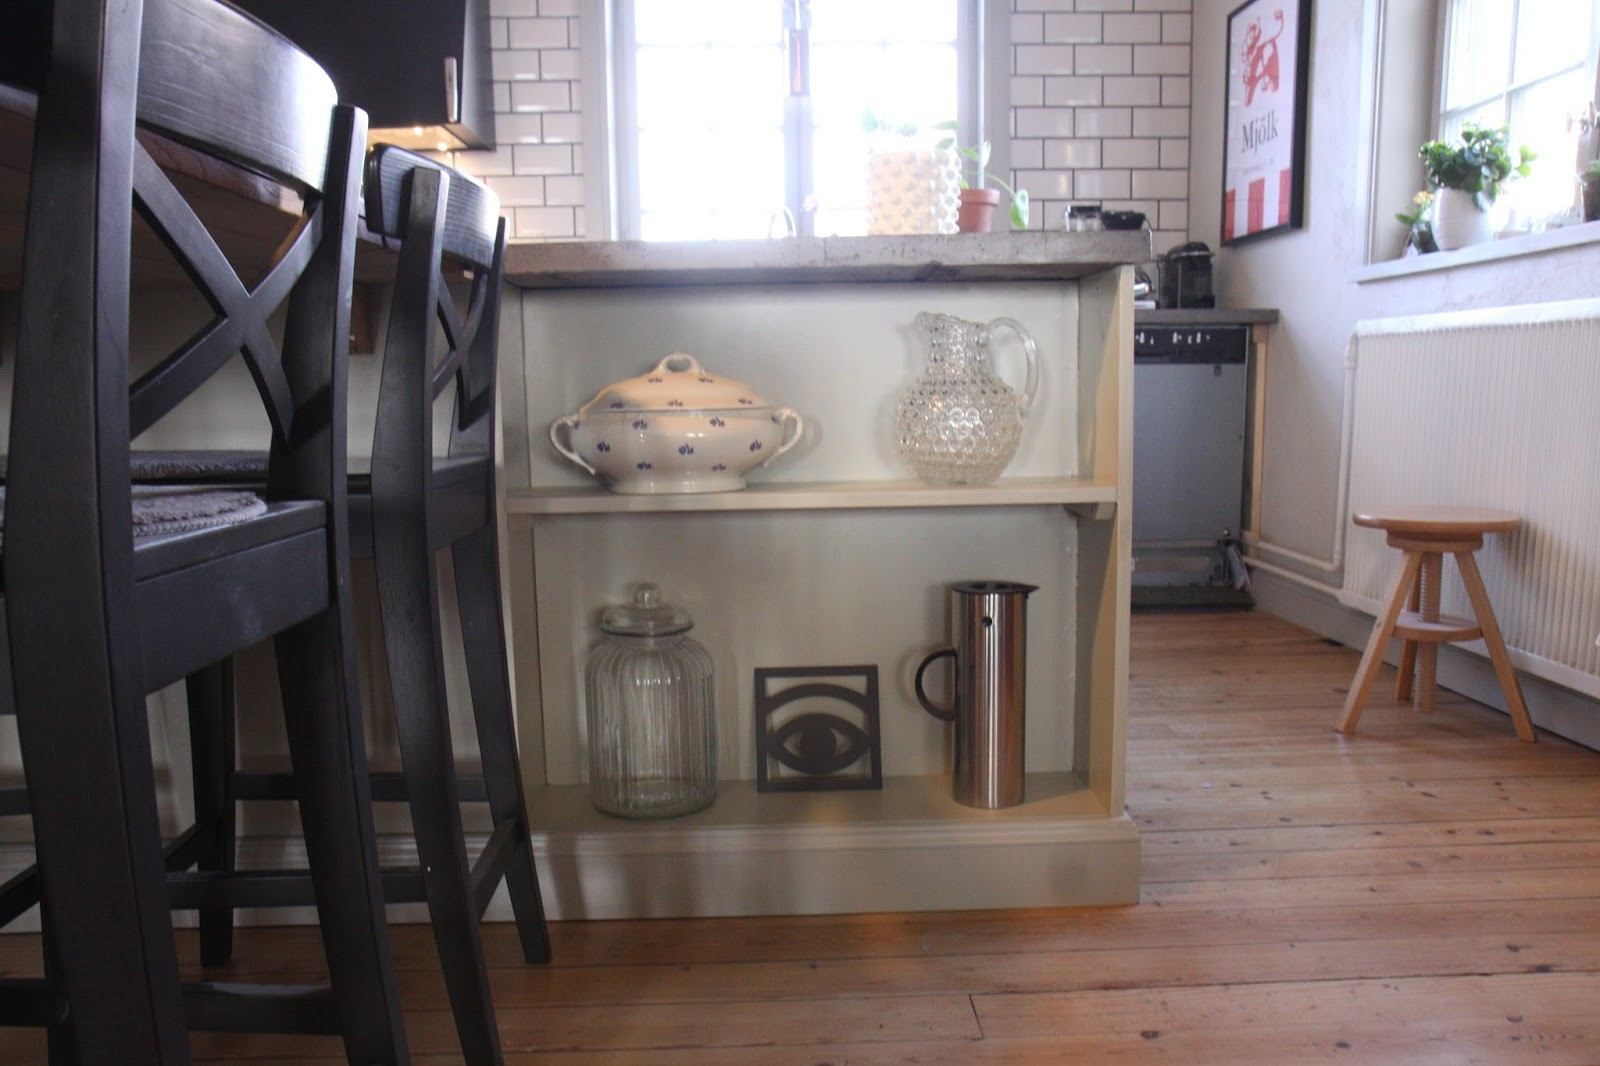 Inredning diskmaskin bänk : FrÃ¥n kyrka till hus - En renoveringsblogg : Färdigt kök